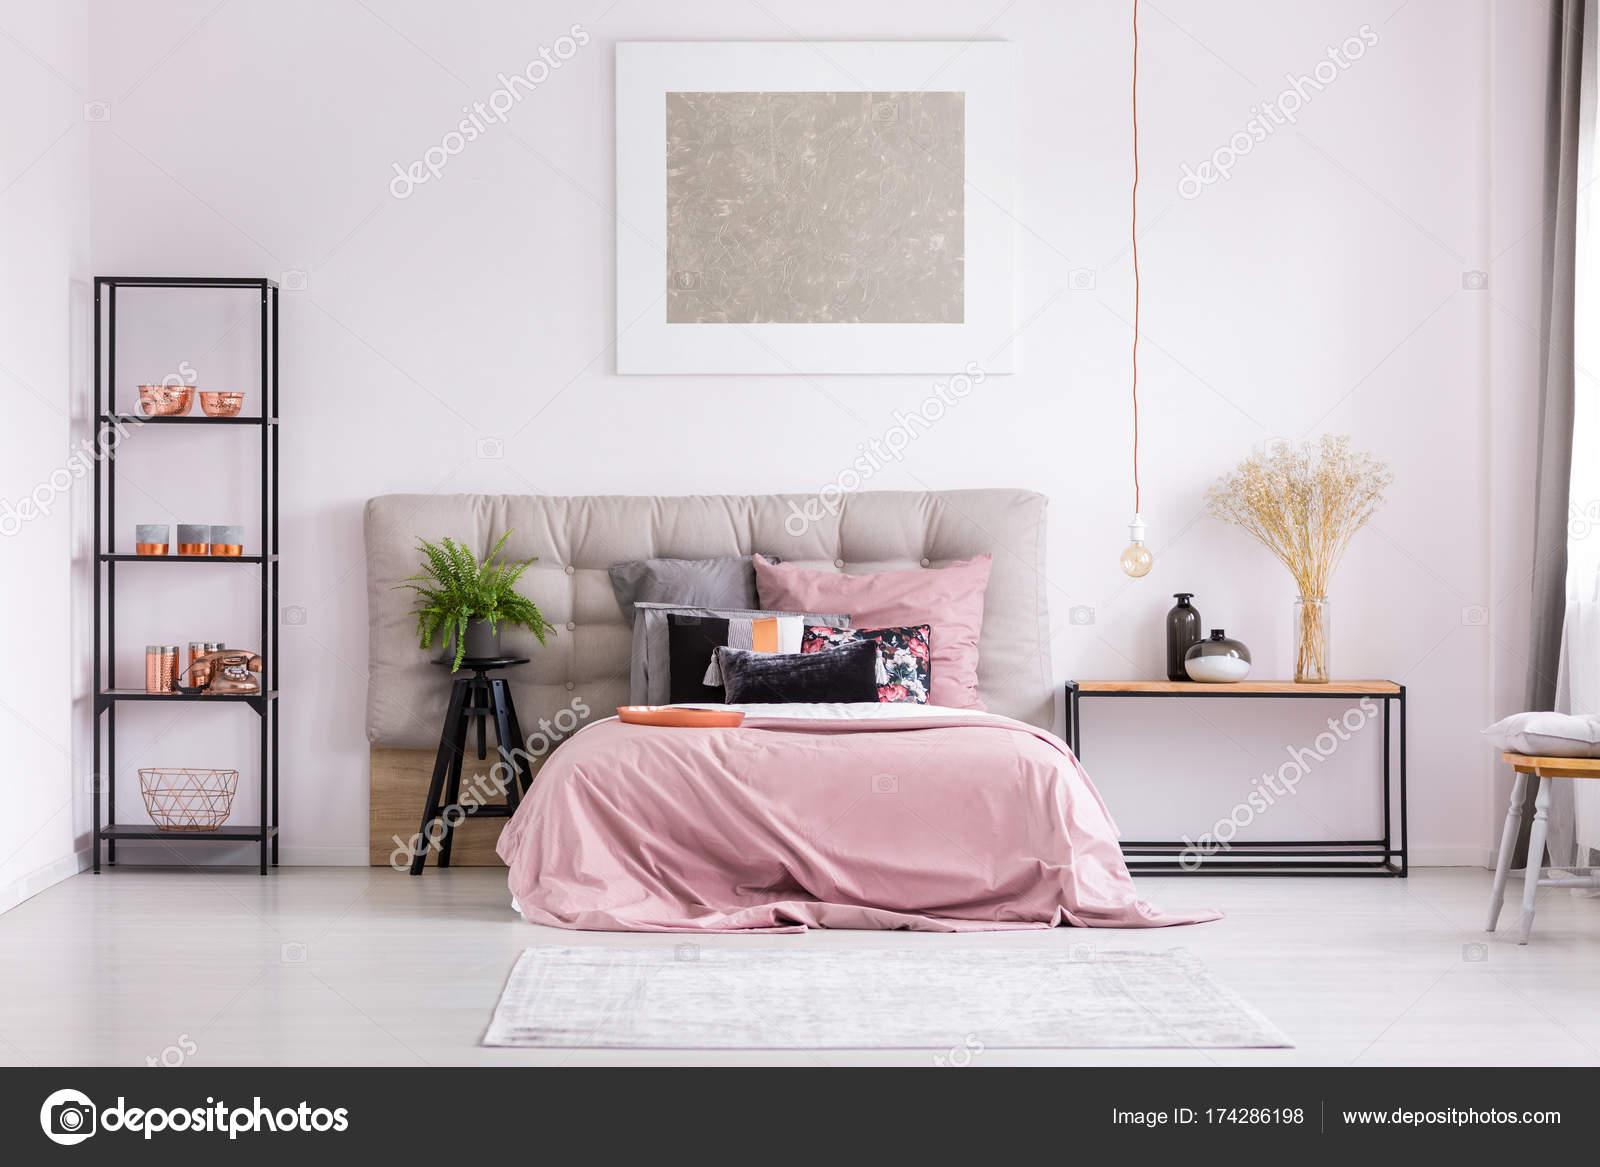 Stijlvolle slaapkamer met metallic ontwerp — Stockfoto ...